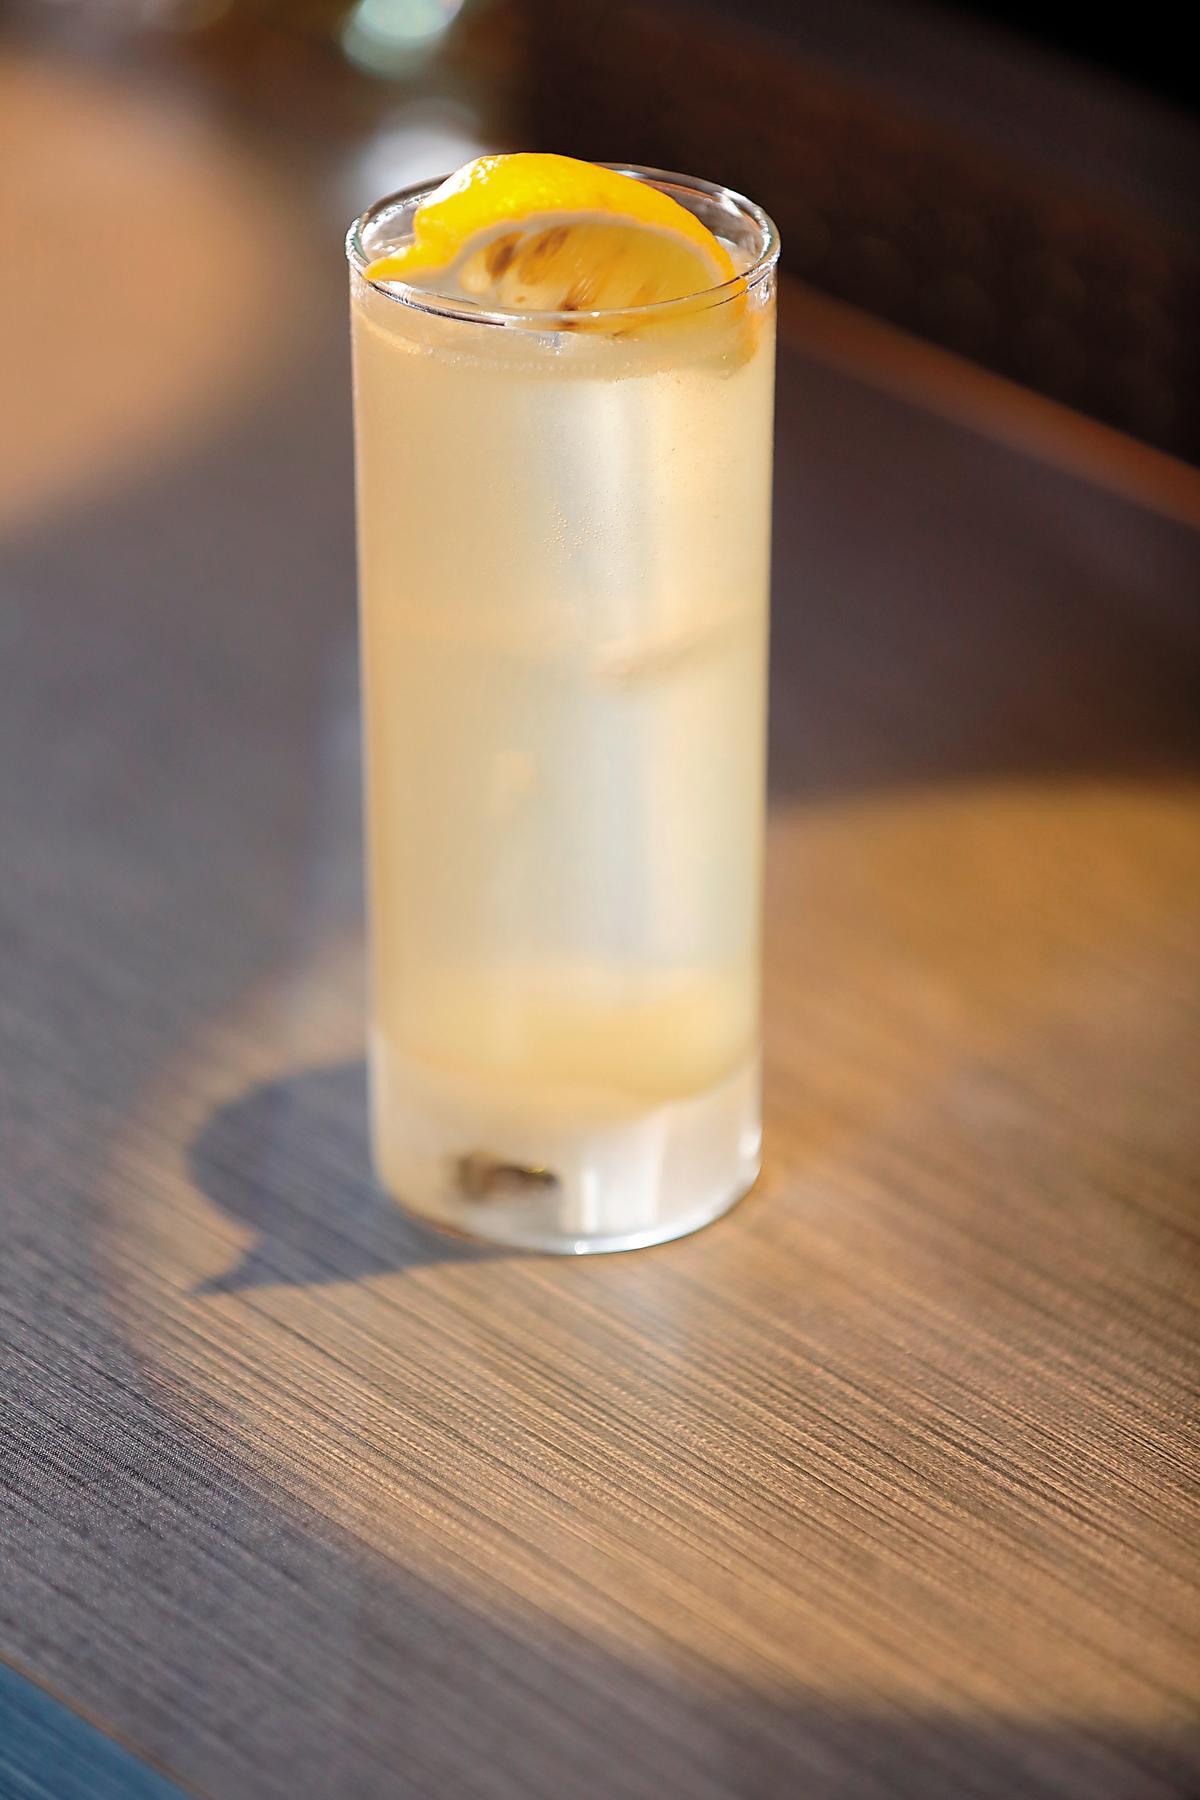 高球杯High Ball:低酒精度、長時間解渴用,就像酒吧調琴湯尼或你自己在家調Whisky High Ball,像是「角High」時使用。